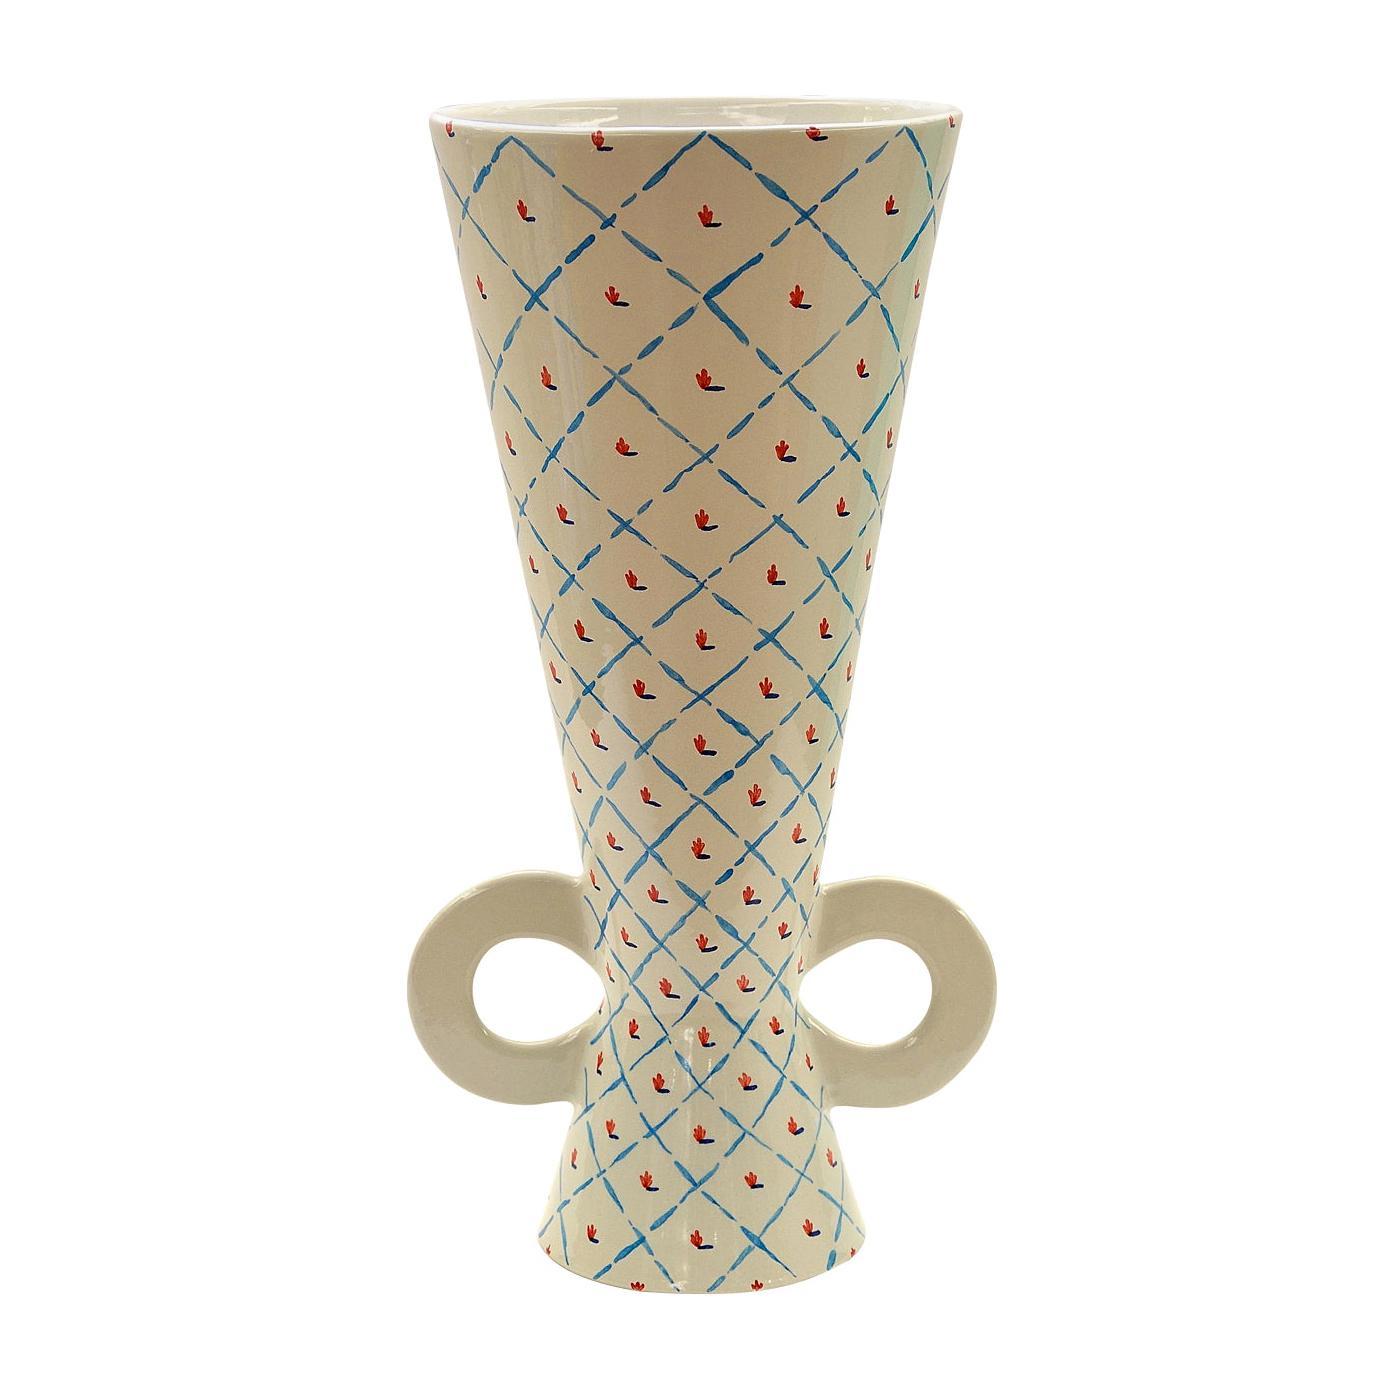 Tall White Vase by Ugo La Pietra